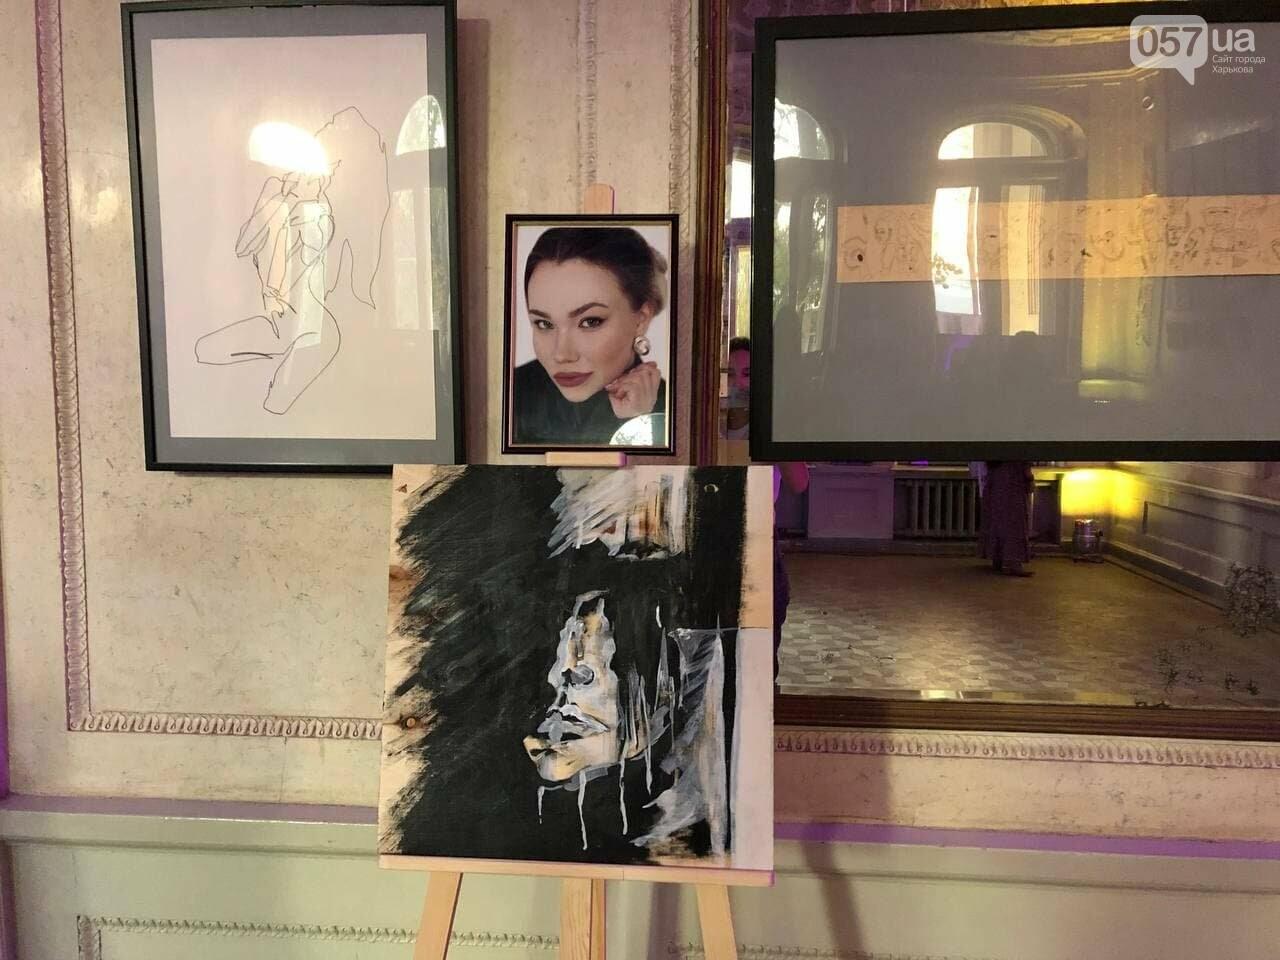 В Харькове прошла благотворительная выставка памяти молодой художницы, скончавшейся от приступа эпилепсии, - ФОТОРЕПОРТАЖ, фото-3